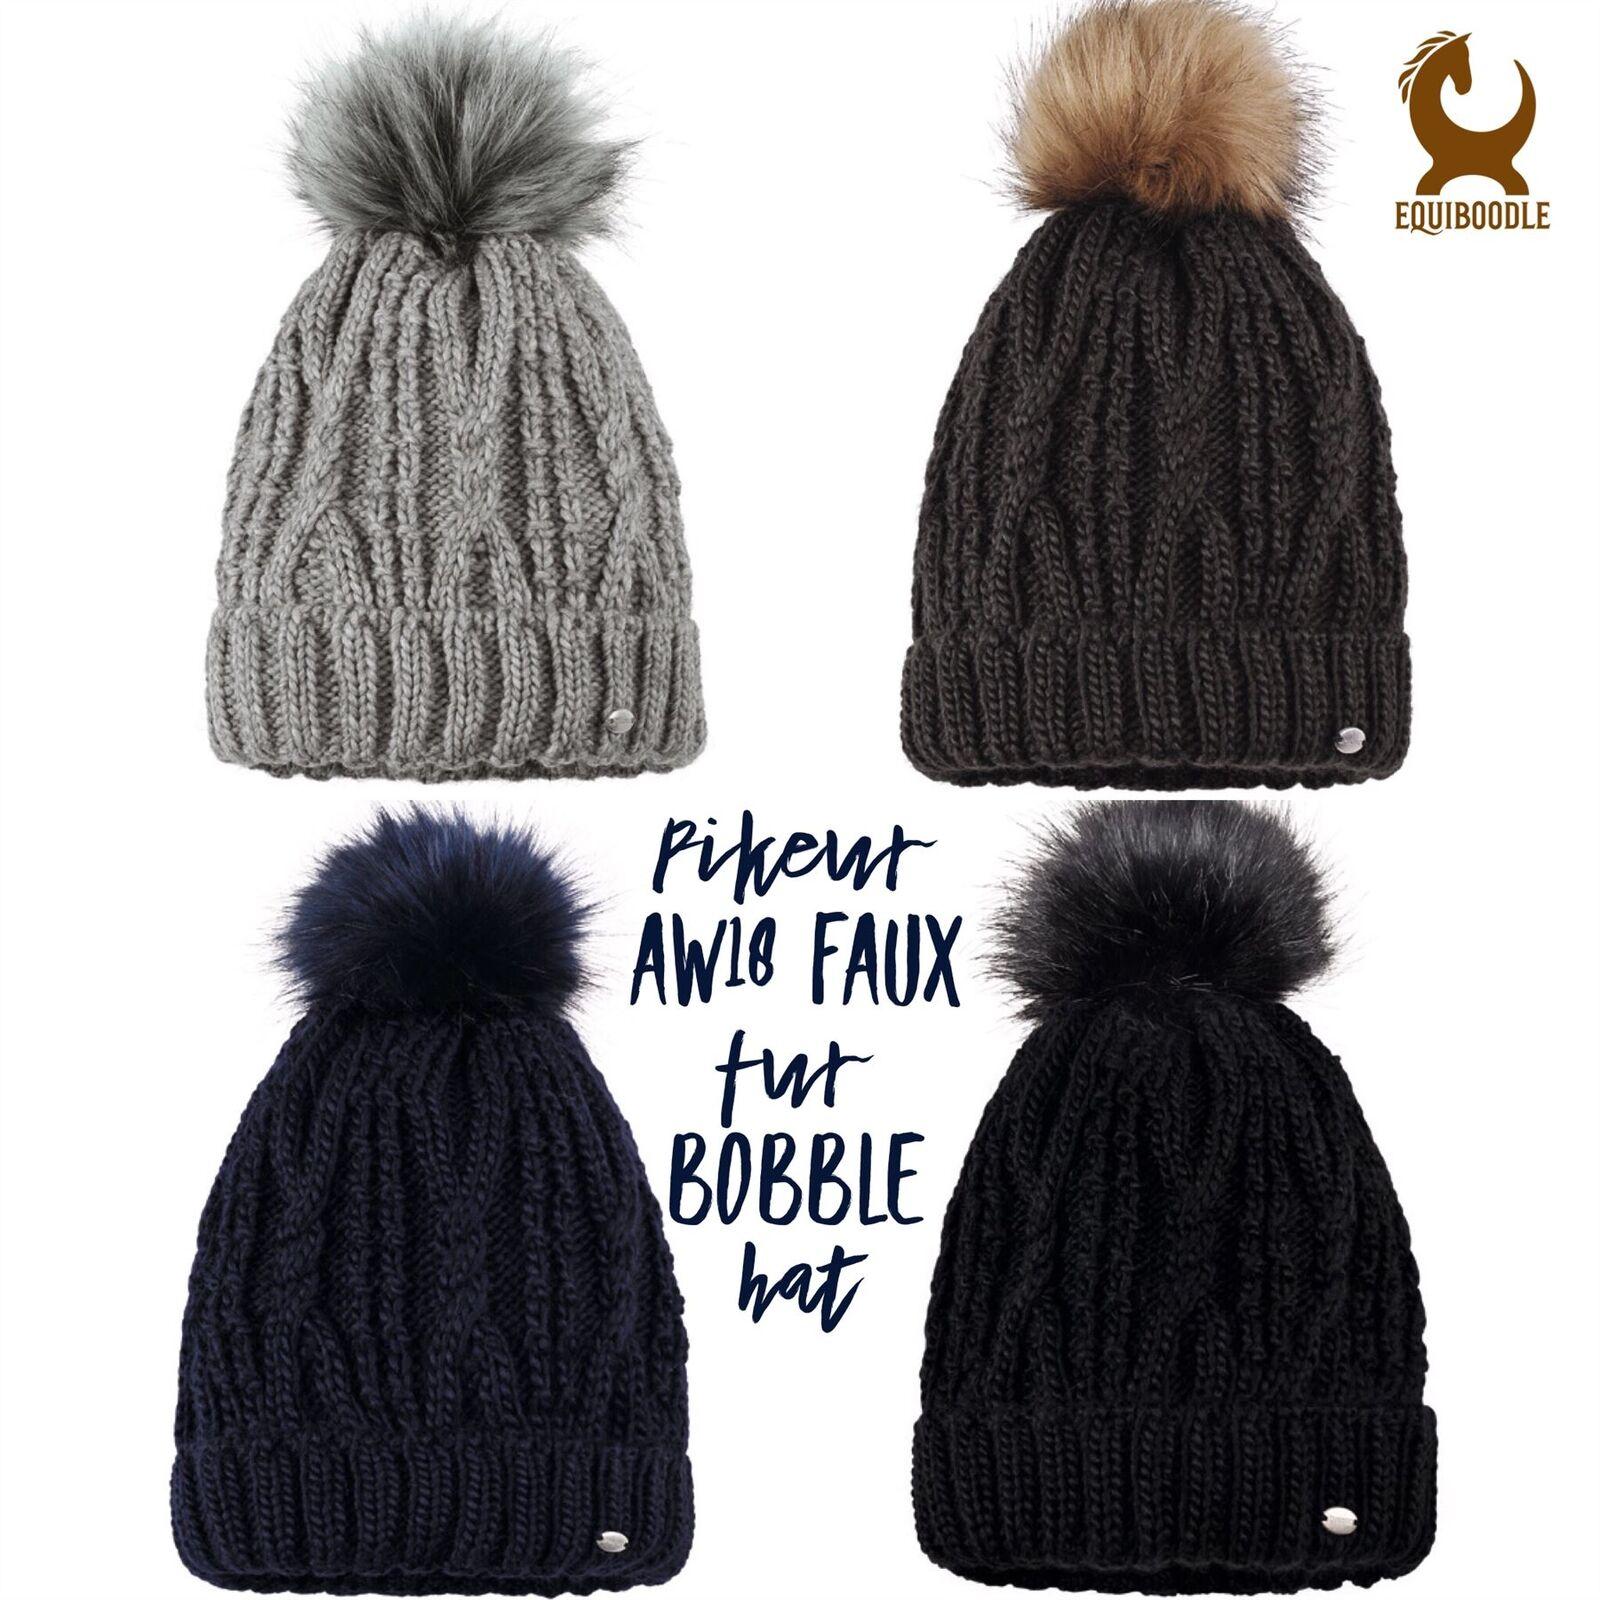 Pikeur AW18 Bobble Hat - Faur Fur